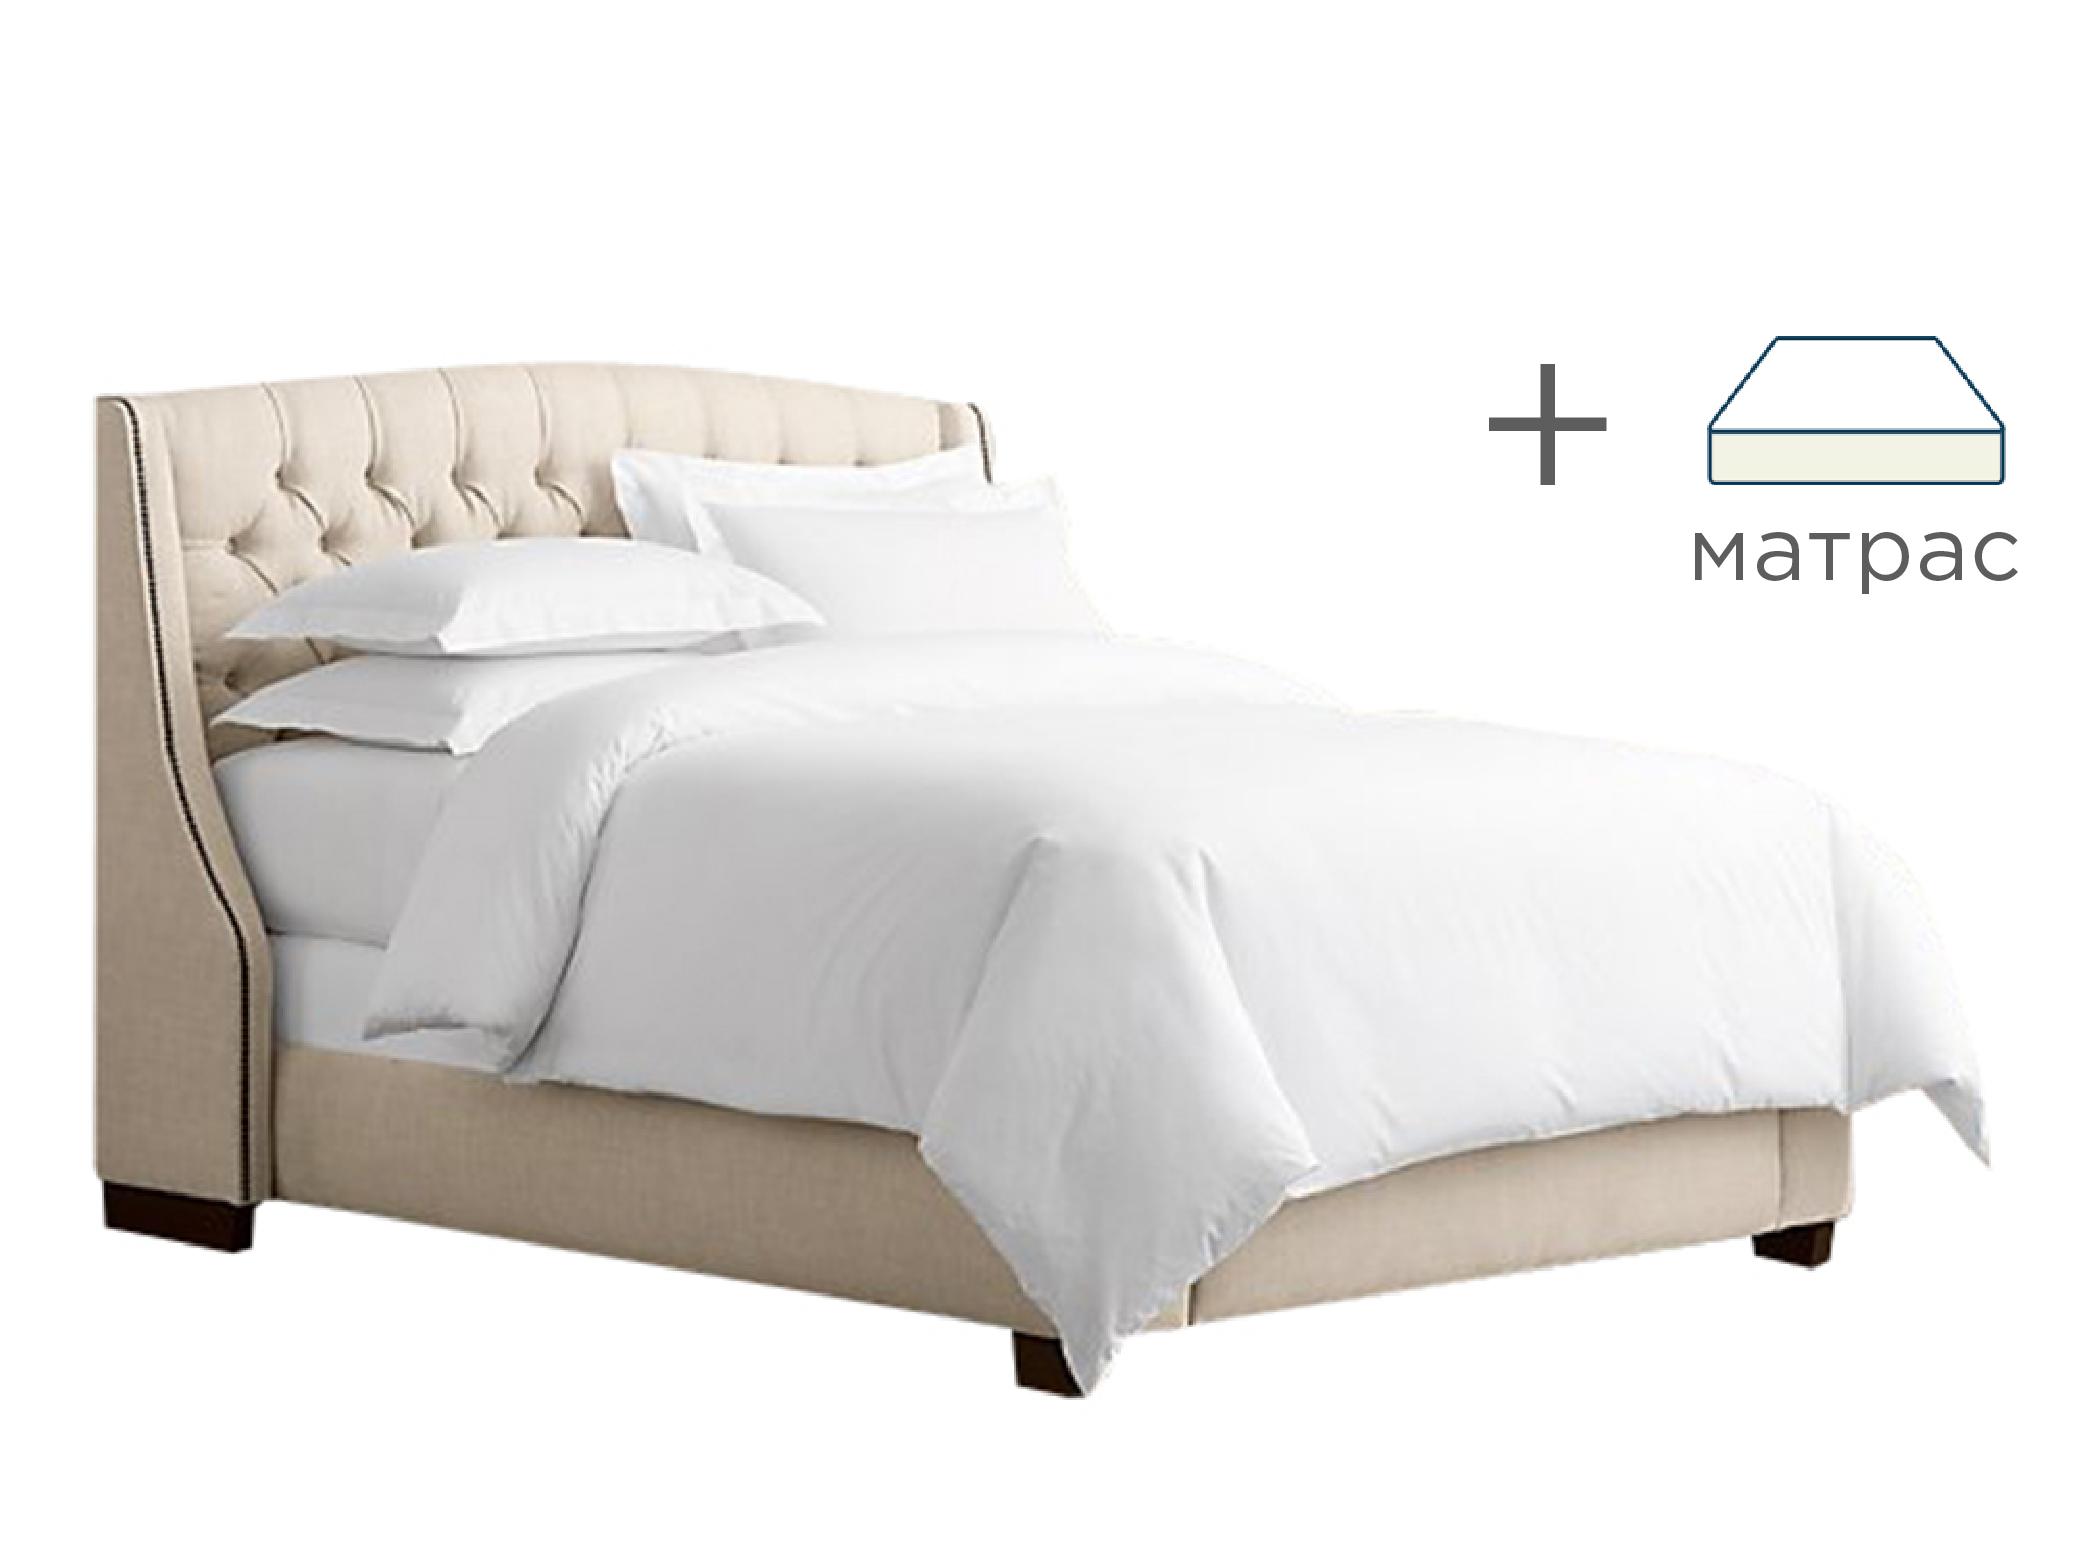 Кровать Hugo c матрасомКровати + матрасы<br>&amp;lt;b&amp;gt;Выгодная скидка при покупке комплекта!&amp;lt;/b&amp;gt;&amp;lt;br&amp;gt;Кровать в классическом американском стиле вместе с ортопедическим матрасом&amp;amp;nbsp;&amp;quot;Askona Terapia Orient&amp;quot;&amp;lt;br&amp;gt;&amp;lt;br&amp;gt;&amp;lt;b&amp;gt;Характеристики кровати:&amp;lt;/b&amp;gt;&amp;lt;br&amp;gt;Размер спального места: 160*200&amp;lt;br&amp;gt;Материалы: бук, текстиль&amp;lt;br&amp;gt;Варианты исполнения: более 200 цветов&amp;lt;br&amp;gt;&amp;lt;br&amp;gt;&amp;lt;b&amp;gt;Характеристики матраса:&amp;lt;/b&amp;gt;&amp;lt;br&amp;gt;&amp;lt;div&amp;gt;Комфортный трикотаж с антибактериальной пропиткой с ионами Ag+.&amp;lt;/div&amp;gt;&amp;lt;div&amp;gt;Латекс.&amp;lt;/div&amp;gt;&amp;lt;div&amp;gt;Кокосовая плита.&amp;lt;/div&amp;gt;&amp;lt;div&amp;gt;5-ти зональный блок независимых пружин «Песочные часы Extra».&amp;lt;/div&amp;gt;&amp;lt;div&amp;gt;Короб по периметру из пены Orto Foam.&amp;lt;/div&amp;gt;<br><br>Material: Текстиль<br>Ширина см: 225<br>Высота см: 132<br>Глубина см: 182